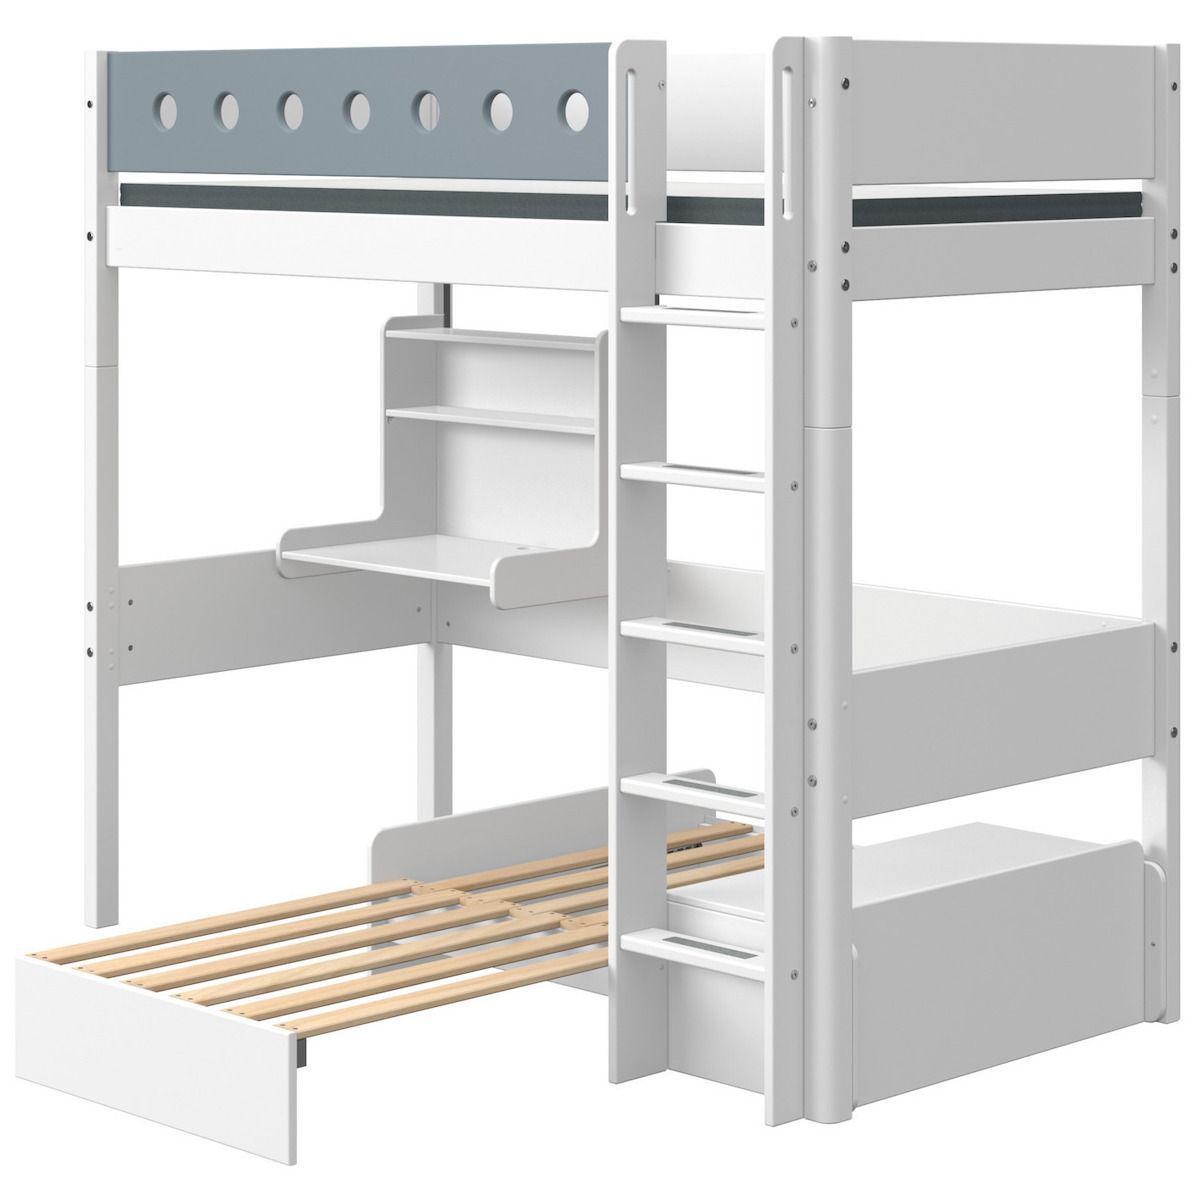 Lit mezzanine 90x200cm échelle droite bureau Click-On module de couchage casa WHITE Flexa blanc-light blue